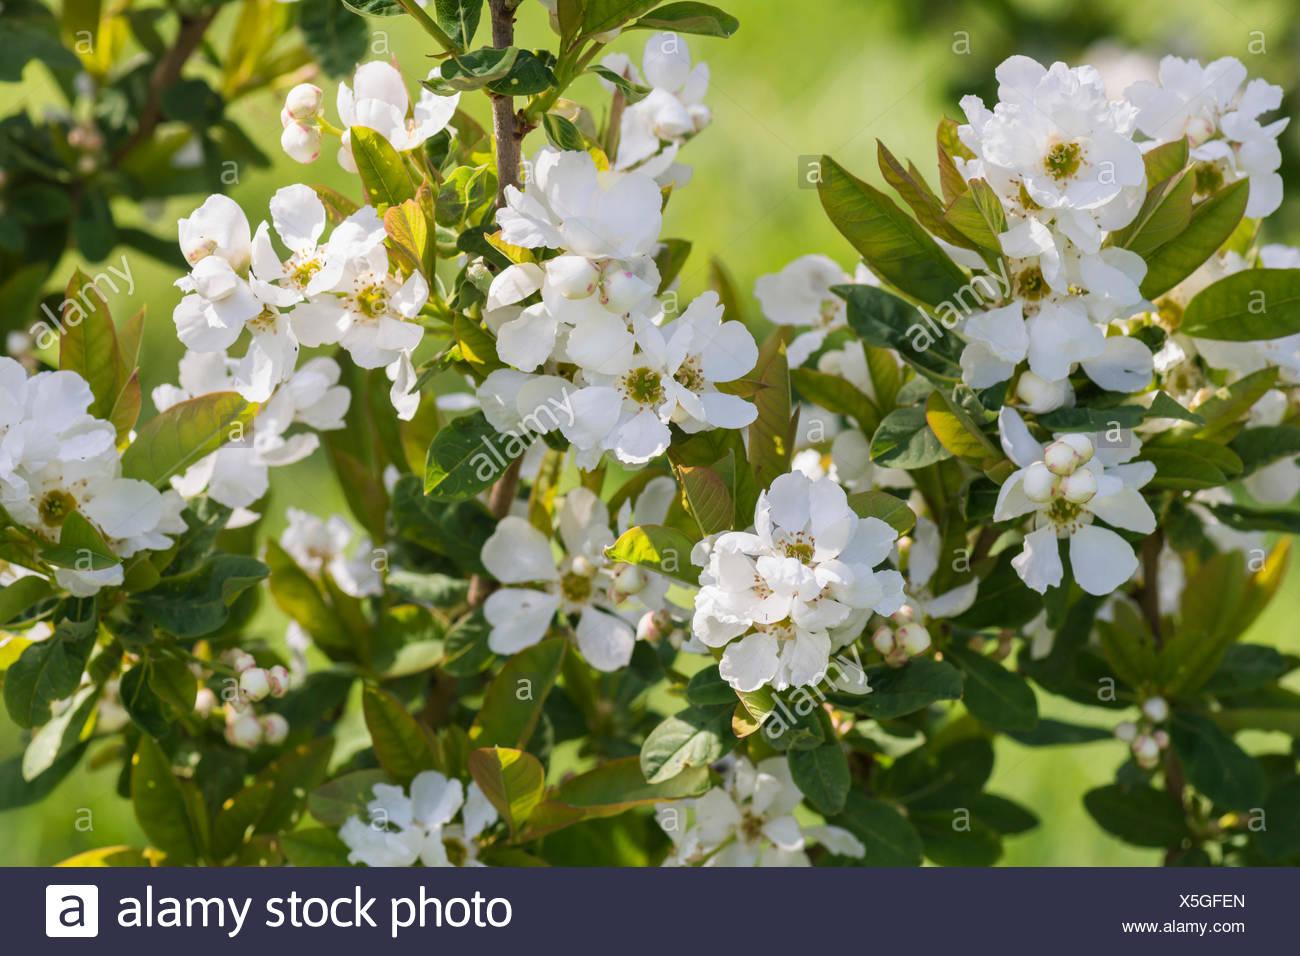 un arbre Martin le 1er Avril 2020 trouvé par Martine - Page 2 Arbre-genealogique-blanche-neige-l-exochorda-serratifolia-petites-fleurs-blanches-en-plein-air-de-plus-en-plus-x5gfen